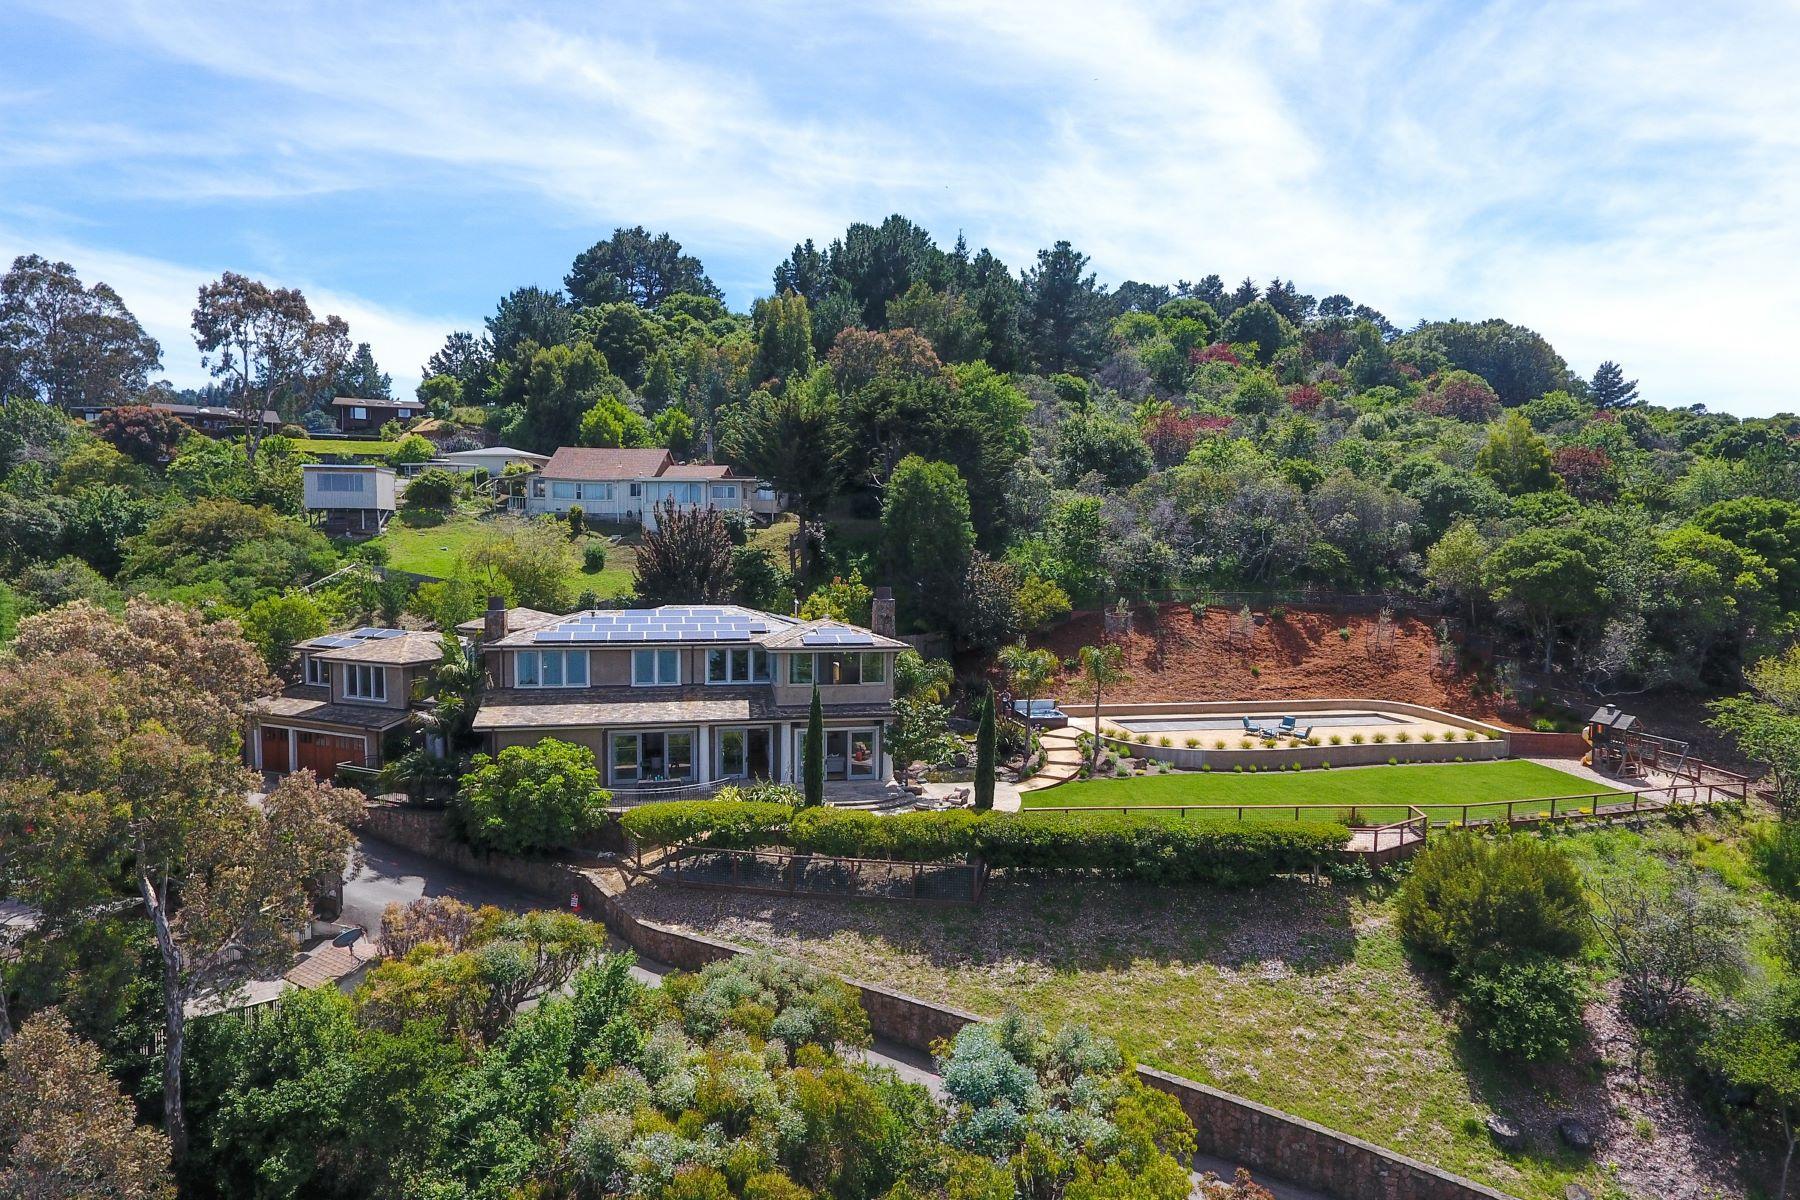 一戸建て のために 売買 アット Stunning Private Villa in Tiburon! 4185 Paradise Dr Tiburon, カリフォルニア, 94920 アメリカ合衆国